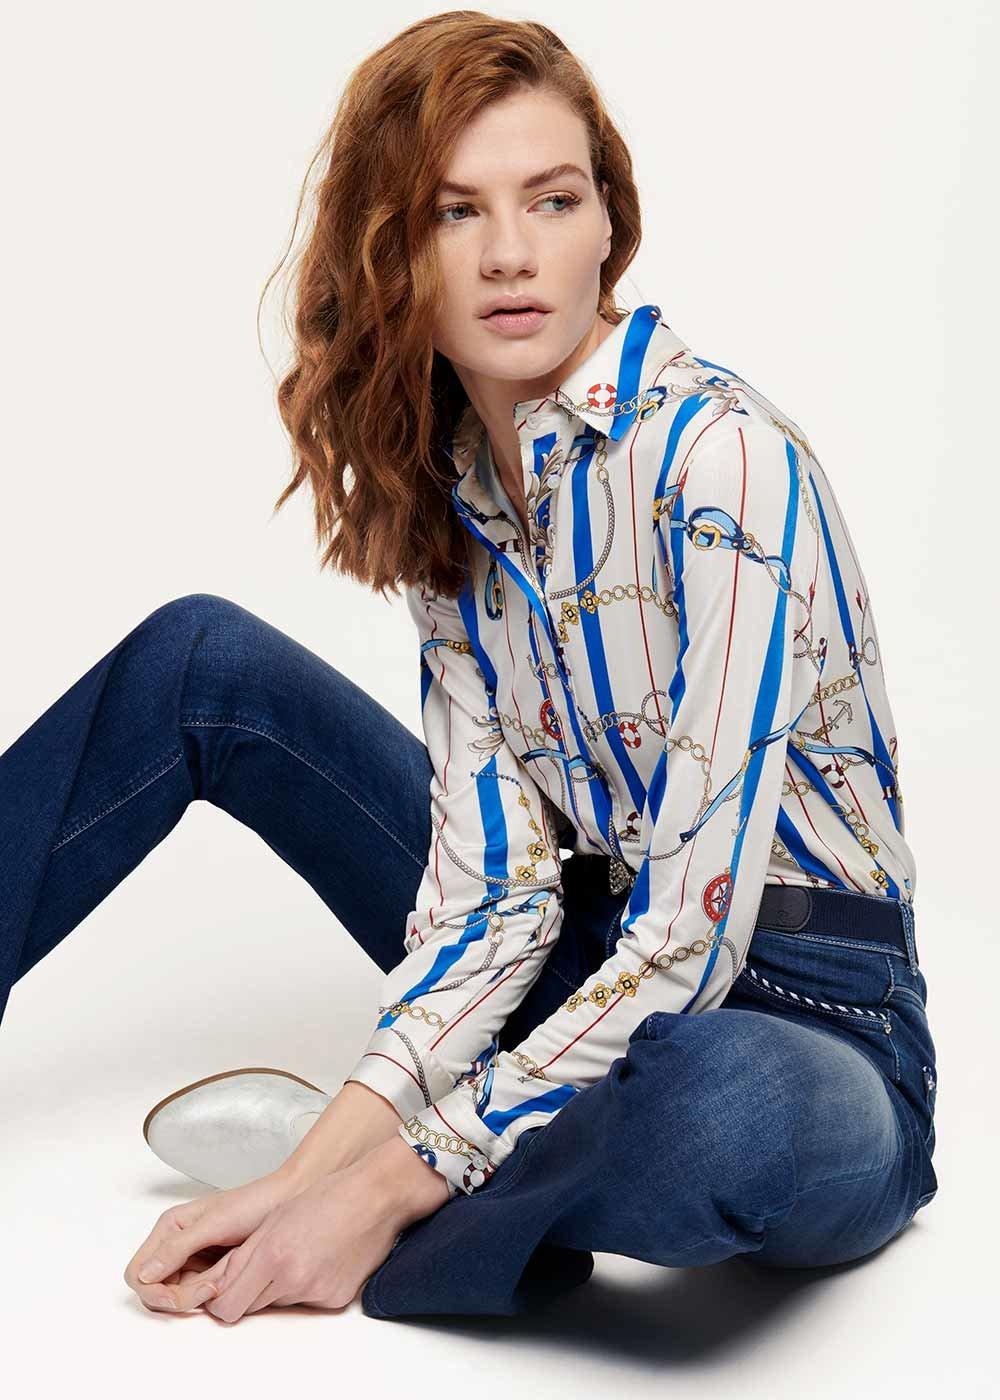 Camicia Crizia stampa catene marine - White / Marina Stripes - Donna